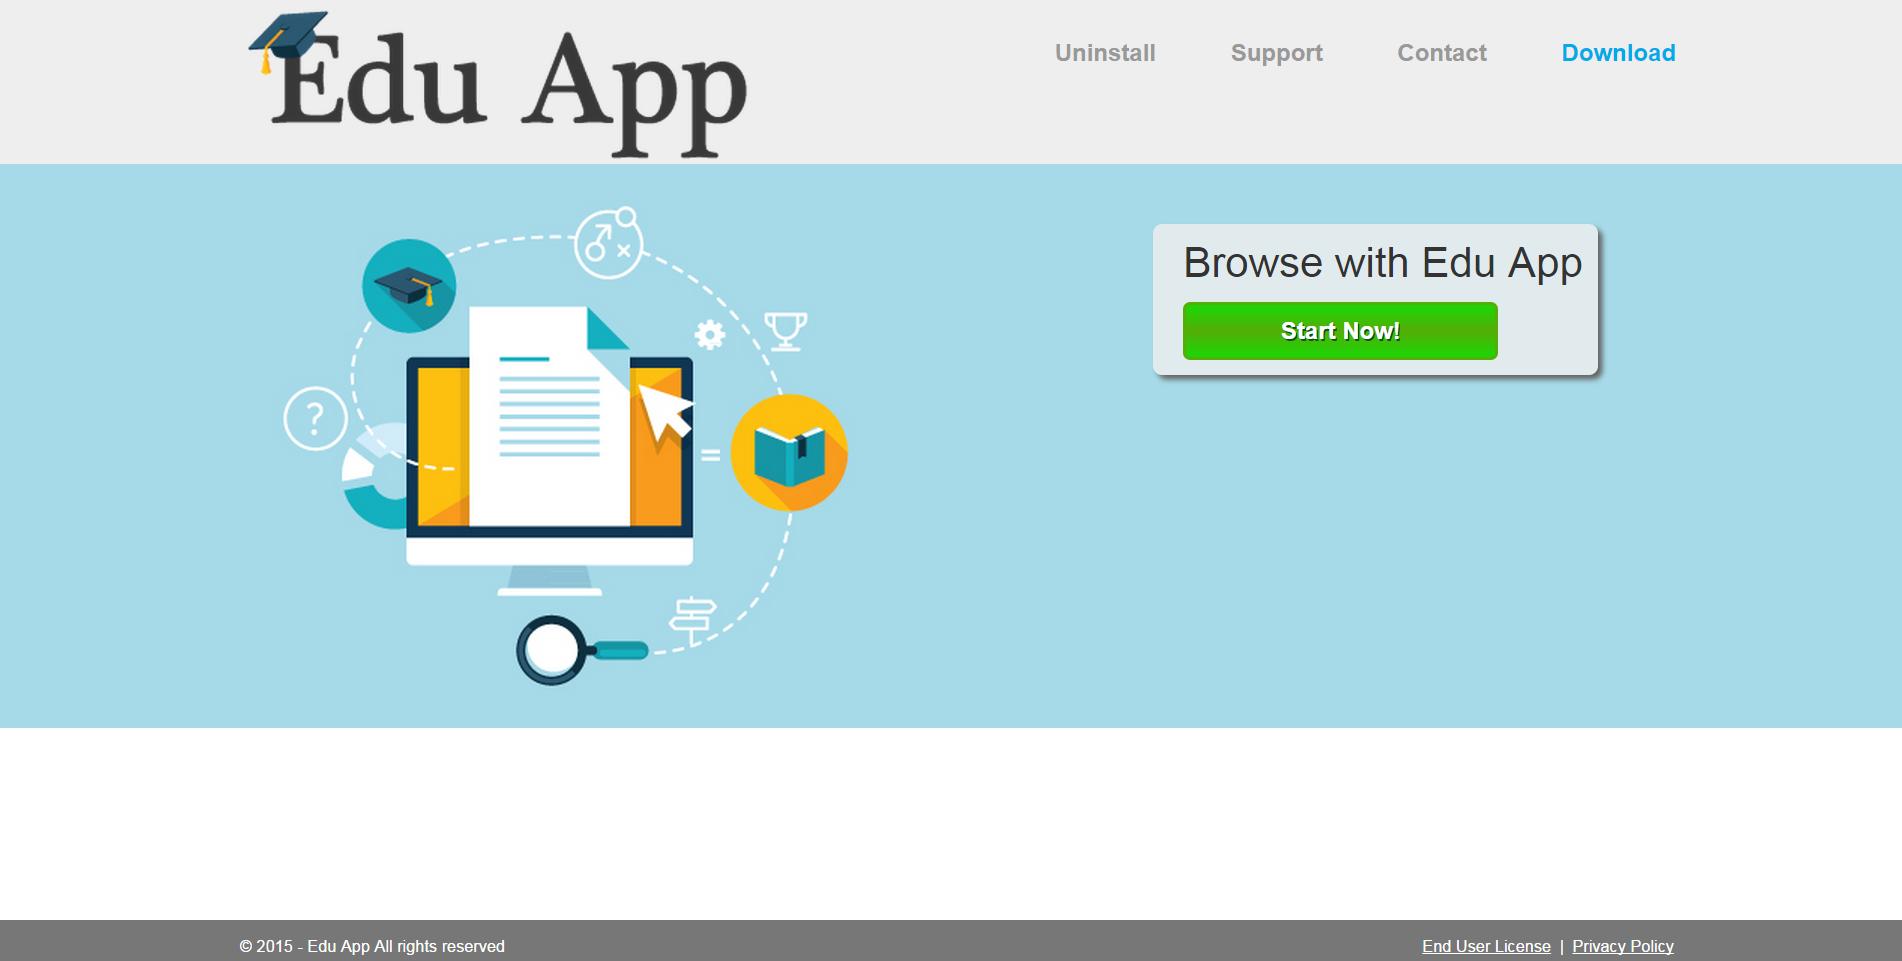 Edu App ads